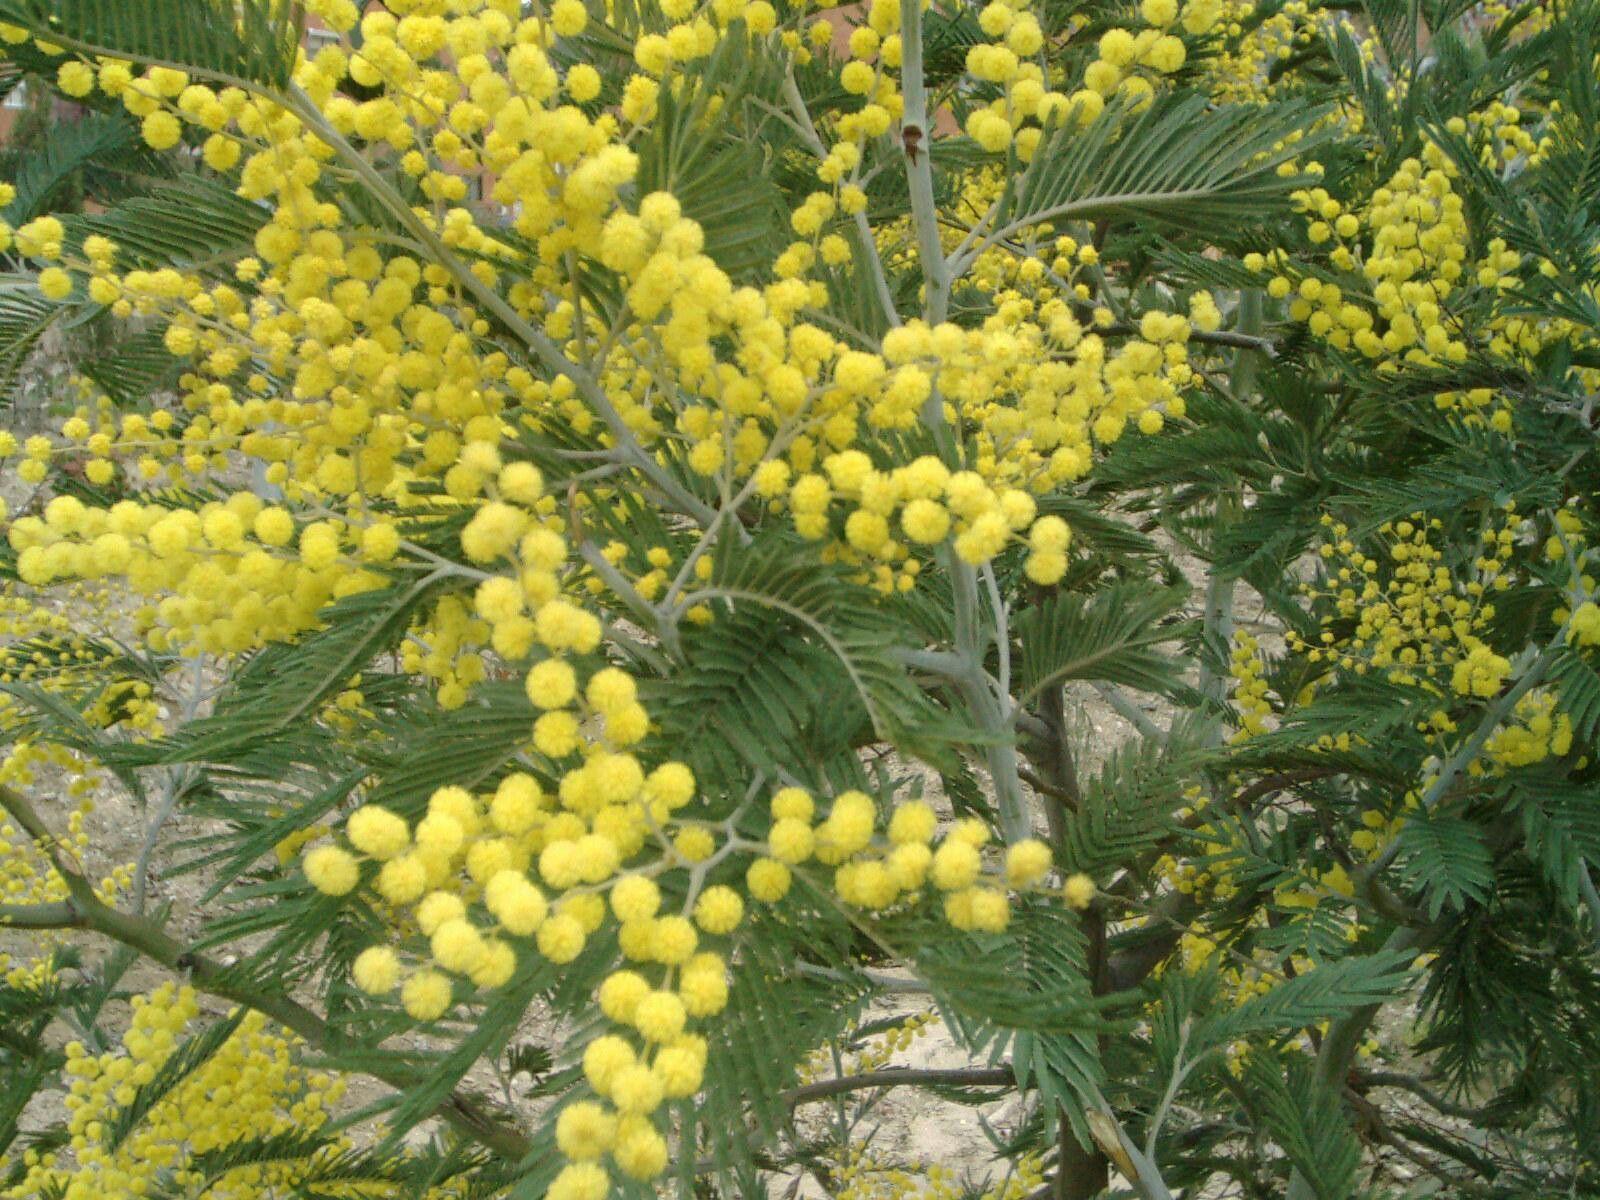 Arbusto A Fiori Gialli pin de design australiano en nature&materials   Árboles en